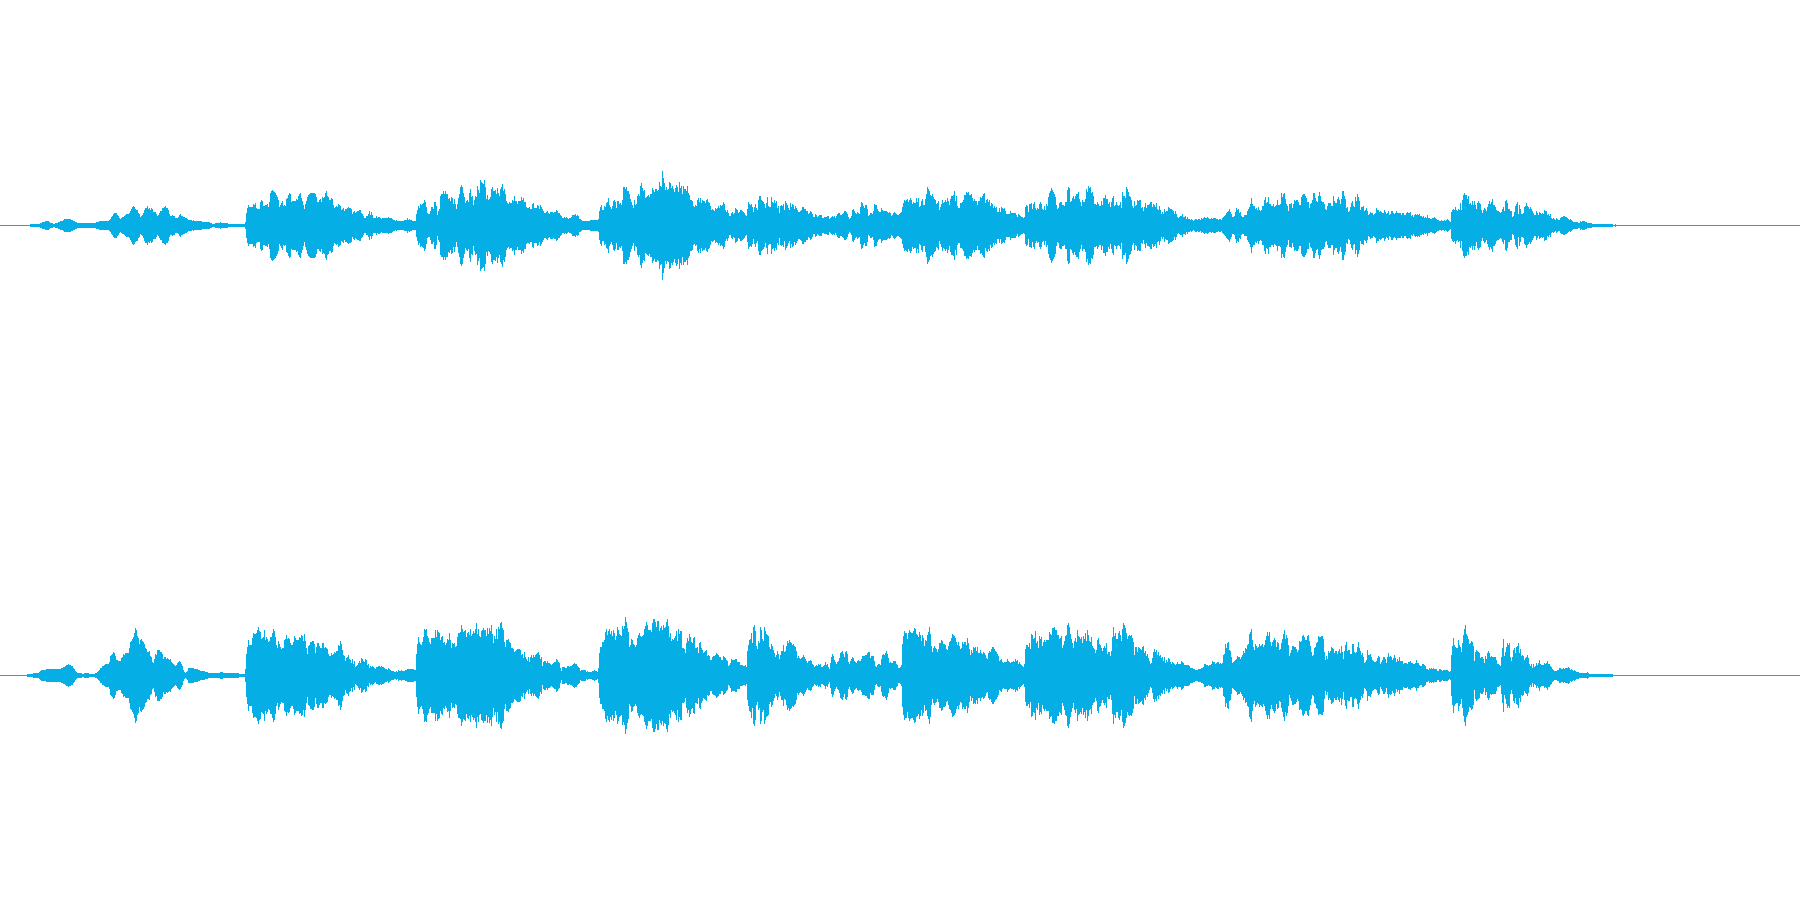 漂うような環境音楽風の再生済みの波形